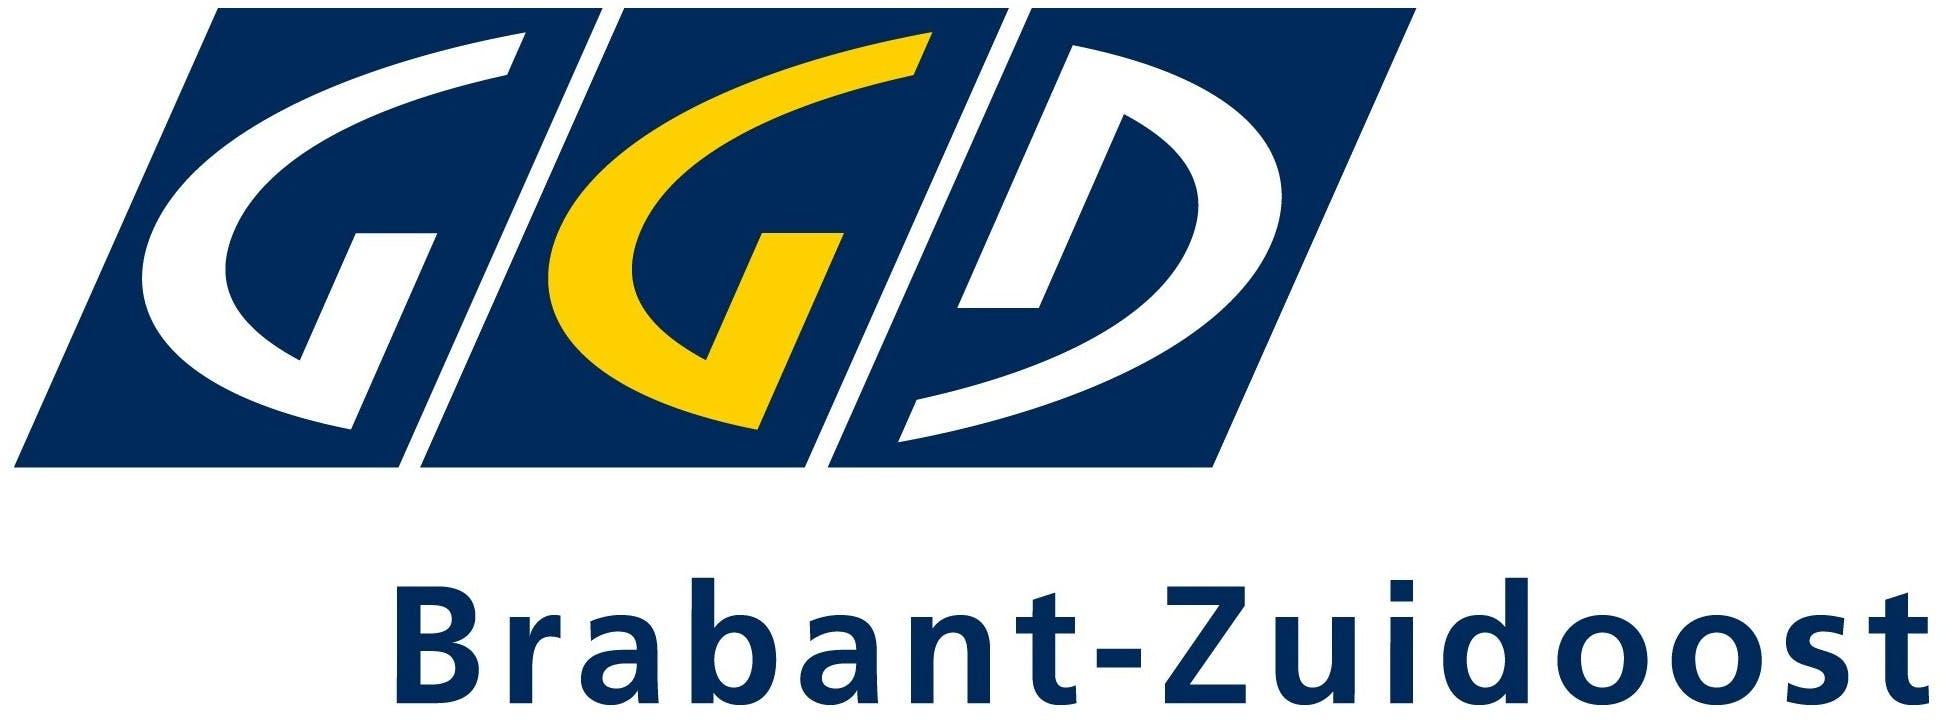 GGD Brabant-Zuidoost logo